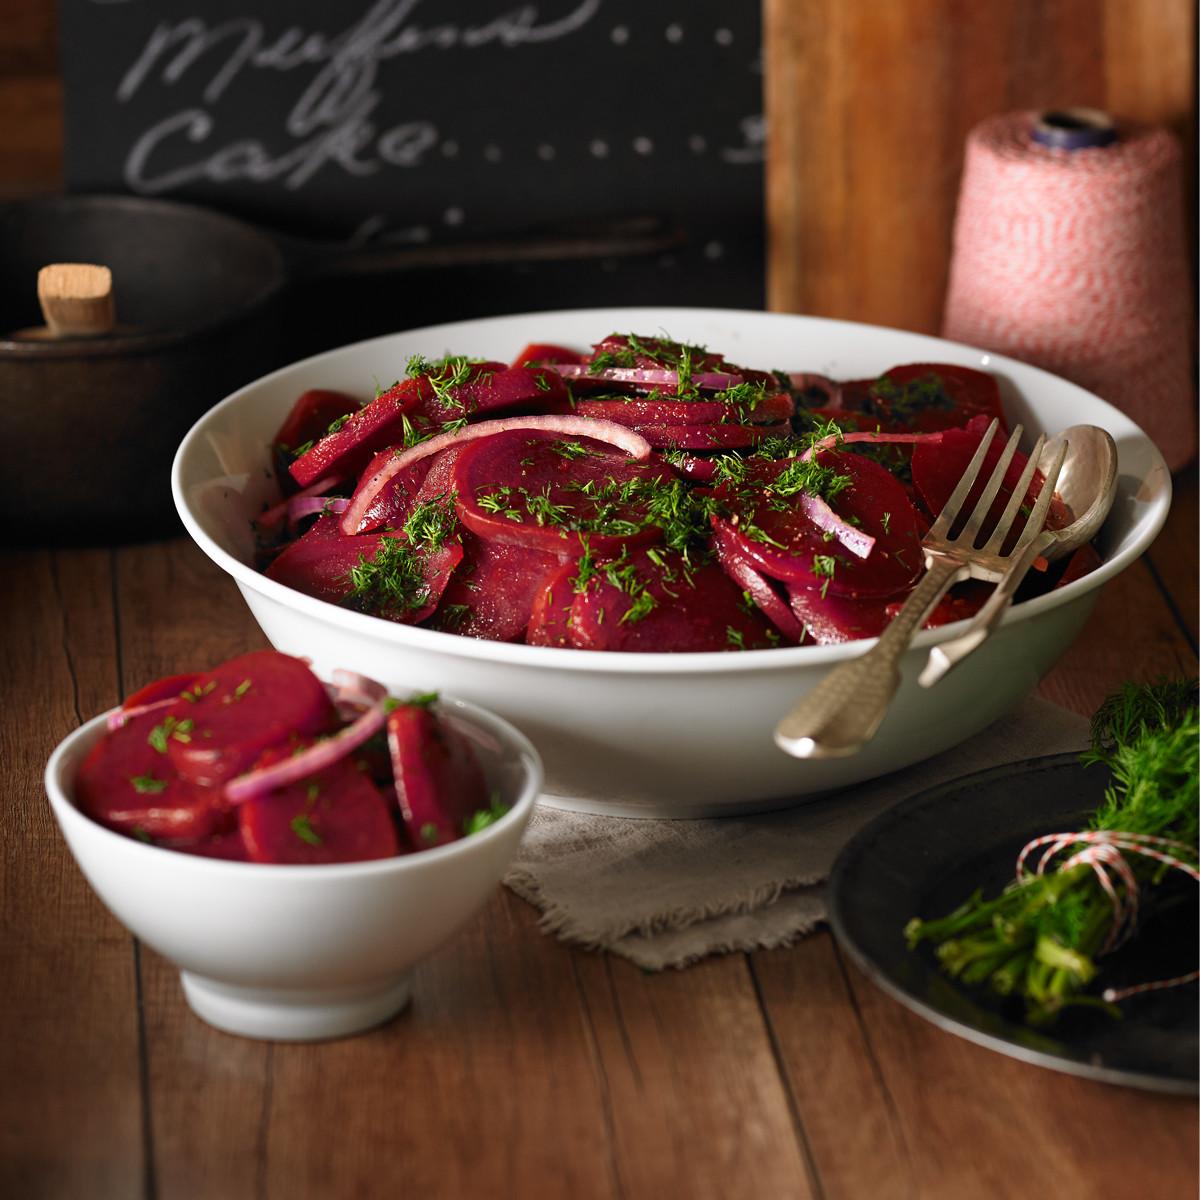 Beet Salad - Serves 8 People